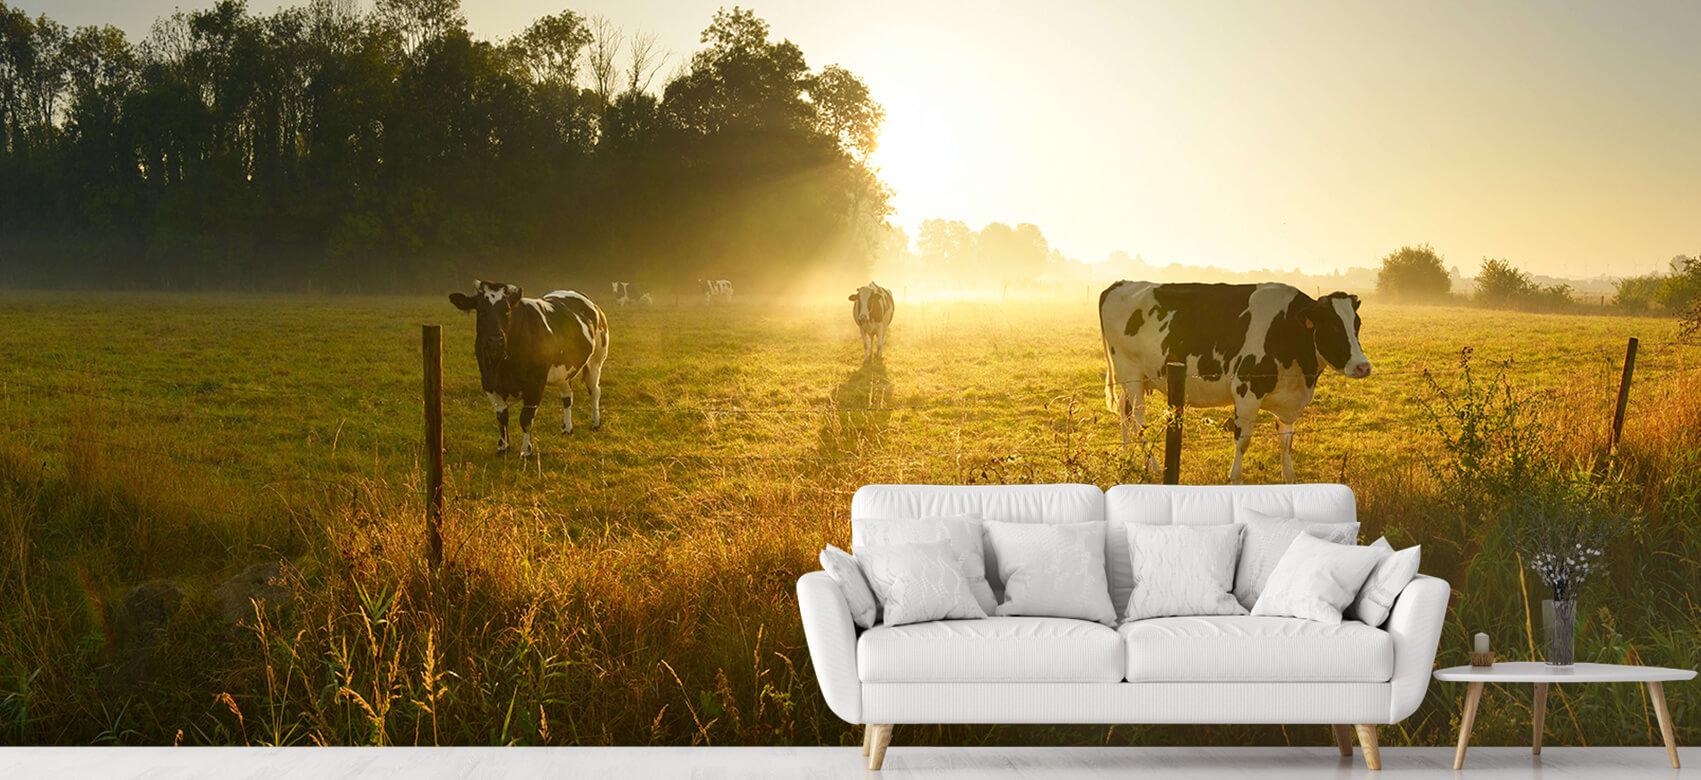 Dieren Koe tijdens zonsopkomst 5